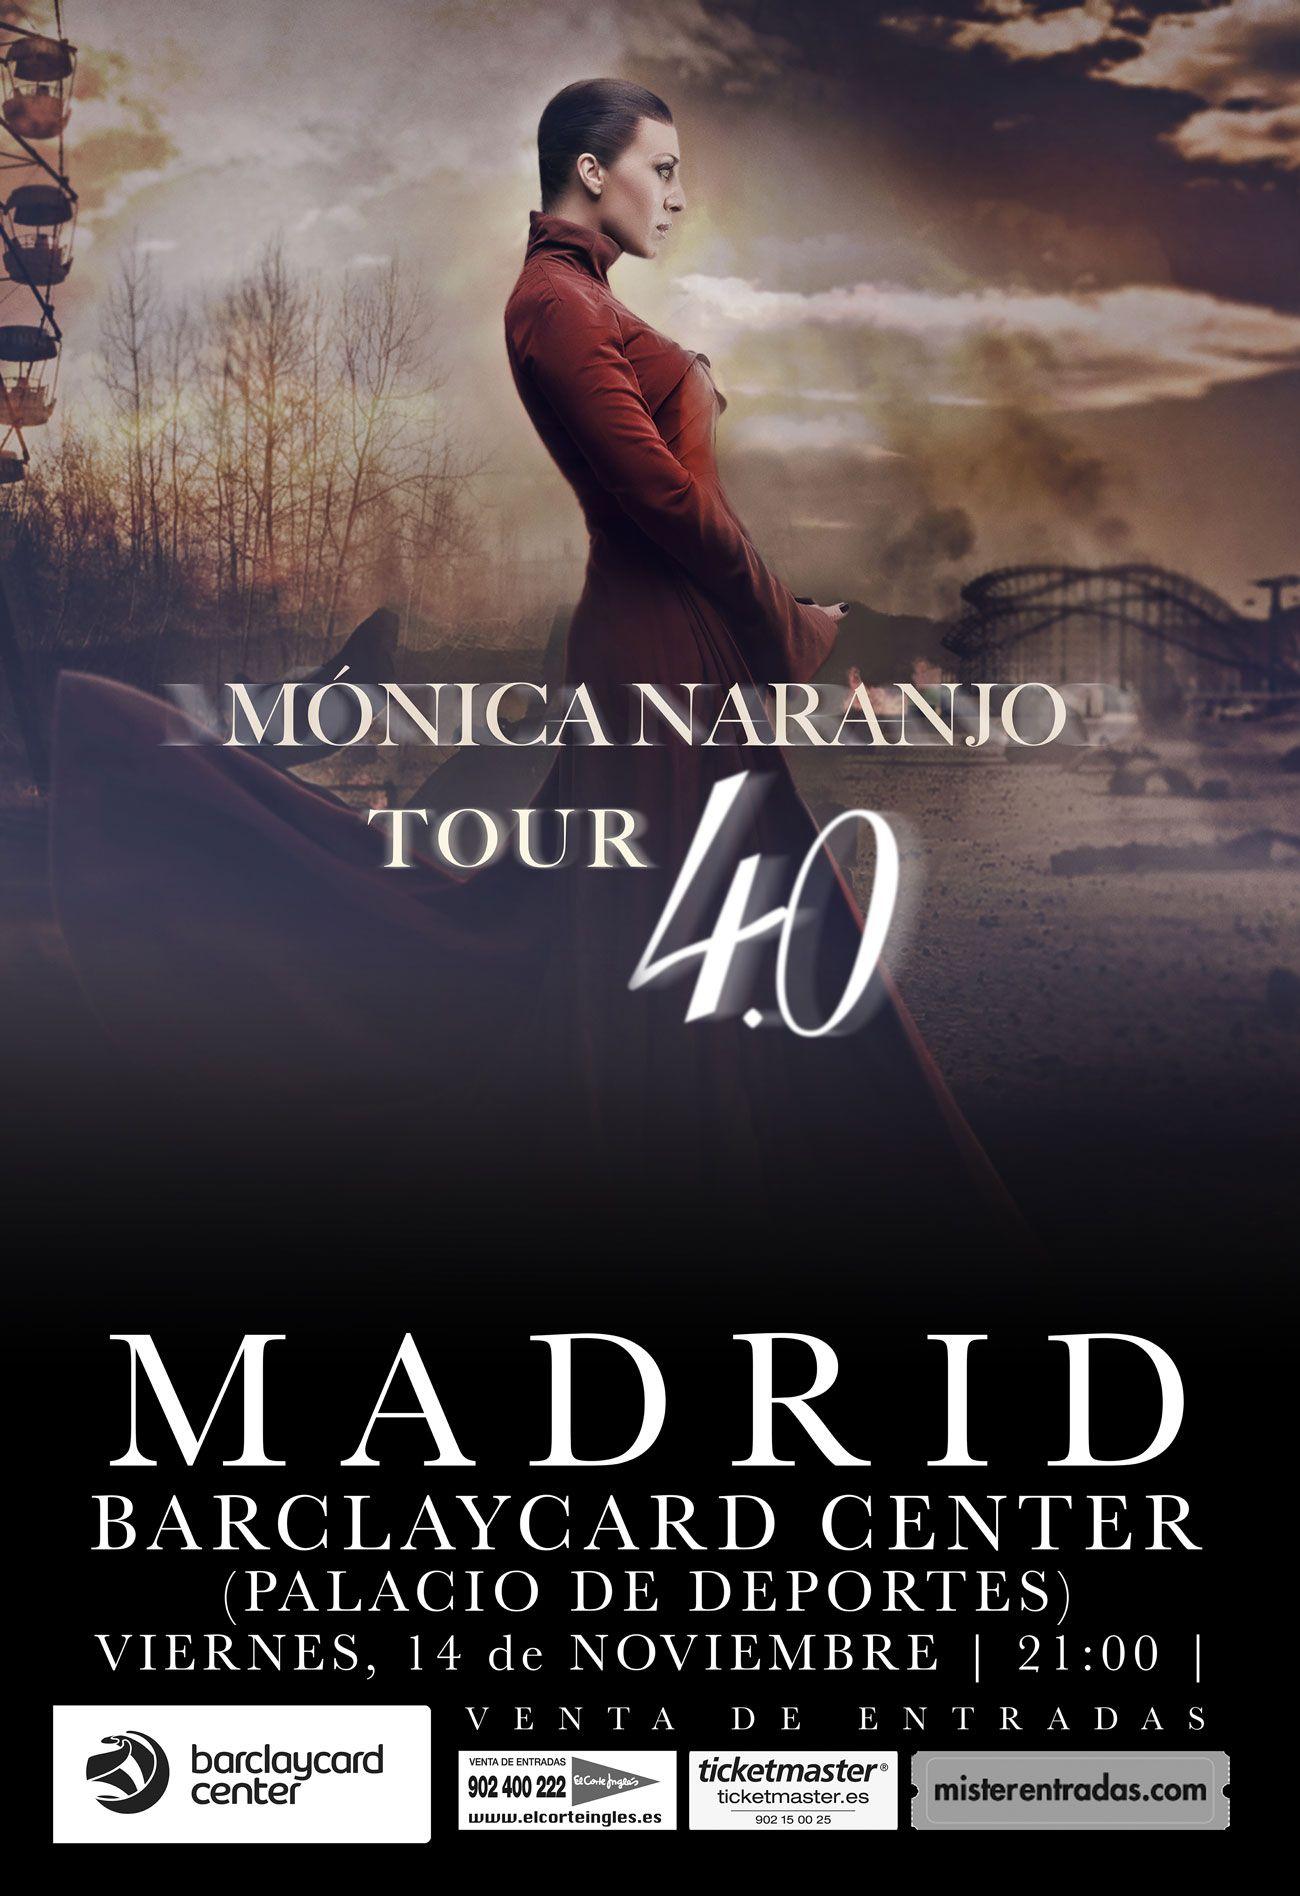 Publicidad En Quioscos Y Radio Mónica Naranjo Tour 4 0 Abba Publicidad Monica Naranjo Abba Venta De Entradas